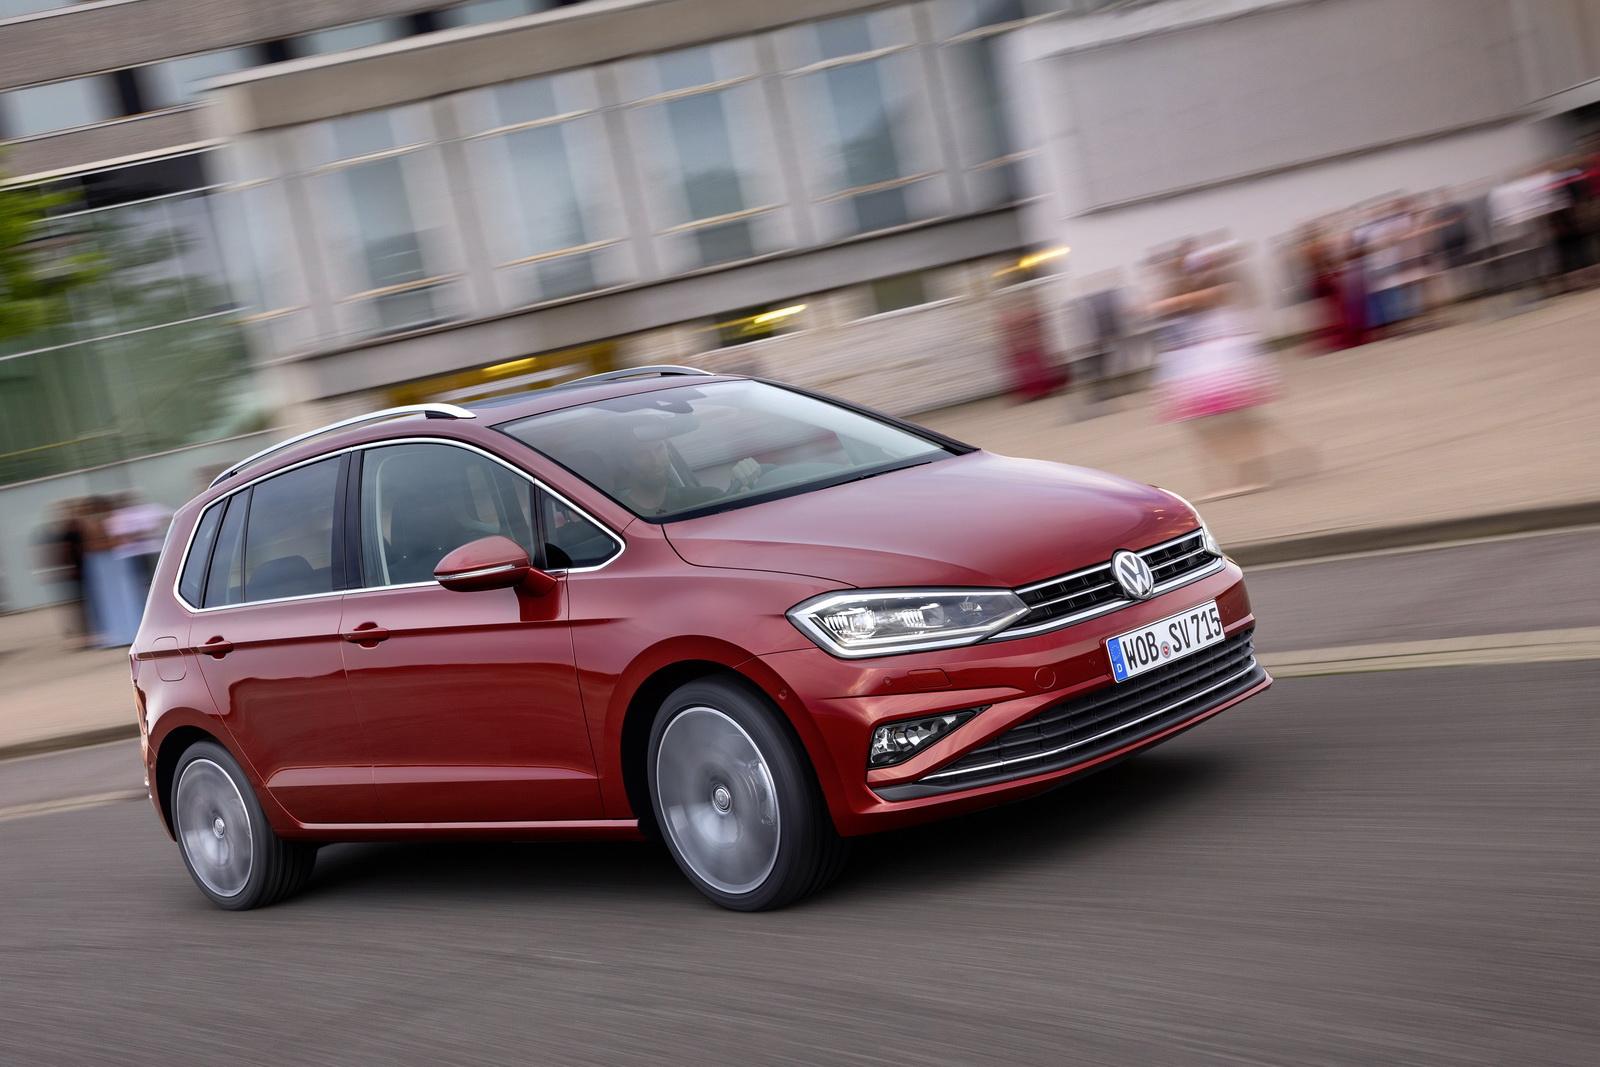 2018_Volkswagen_Golf_Sportsvan_facelift_10